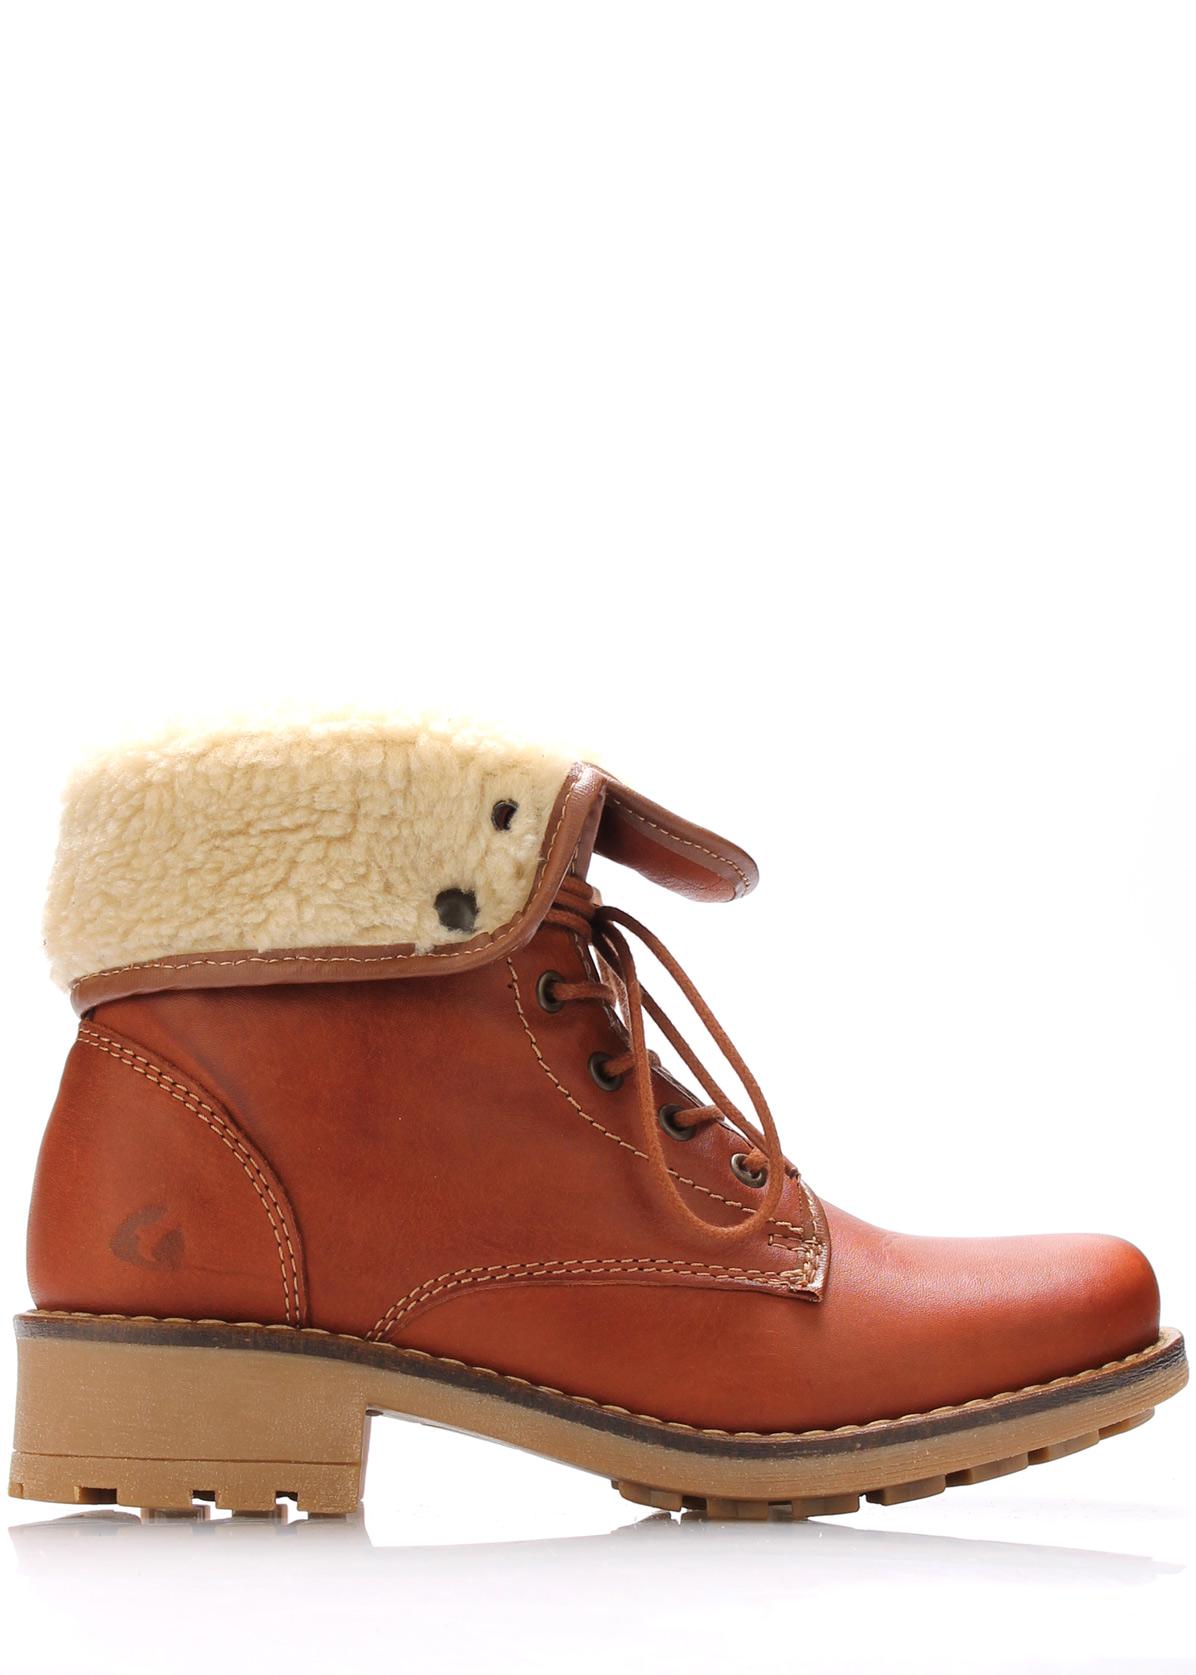 Hnědé kožené kotníkové boty s kožíškem Online Shoes Velikost: 39